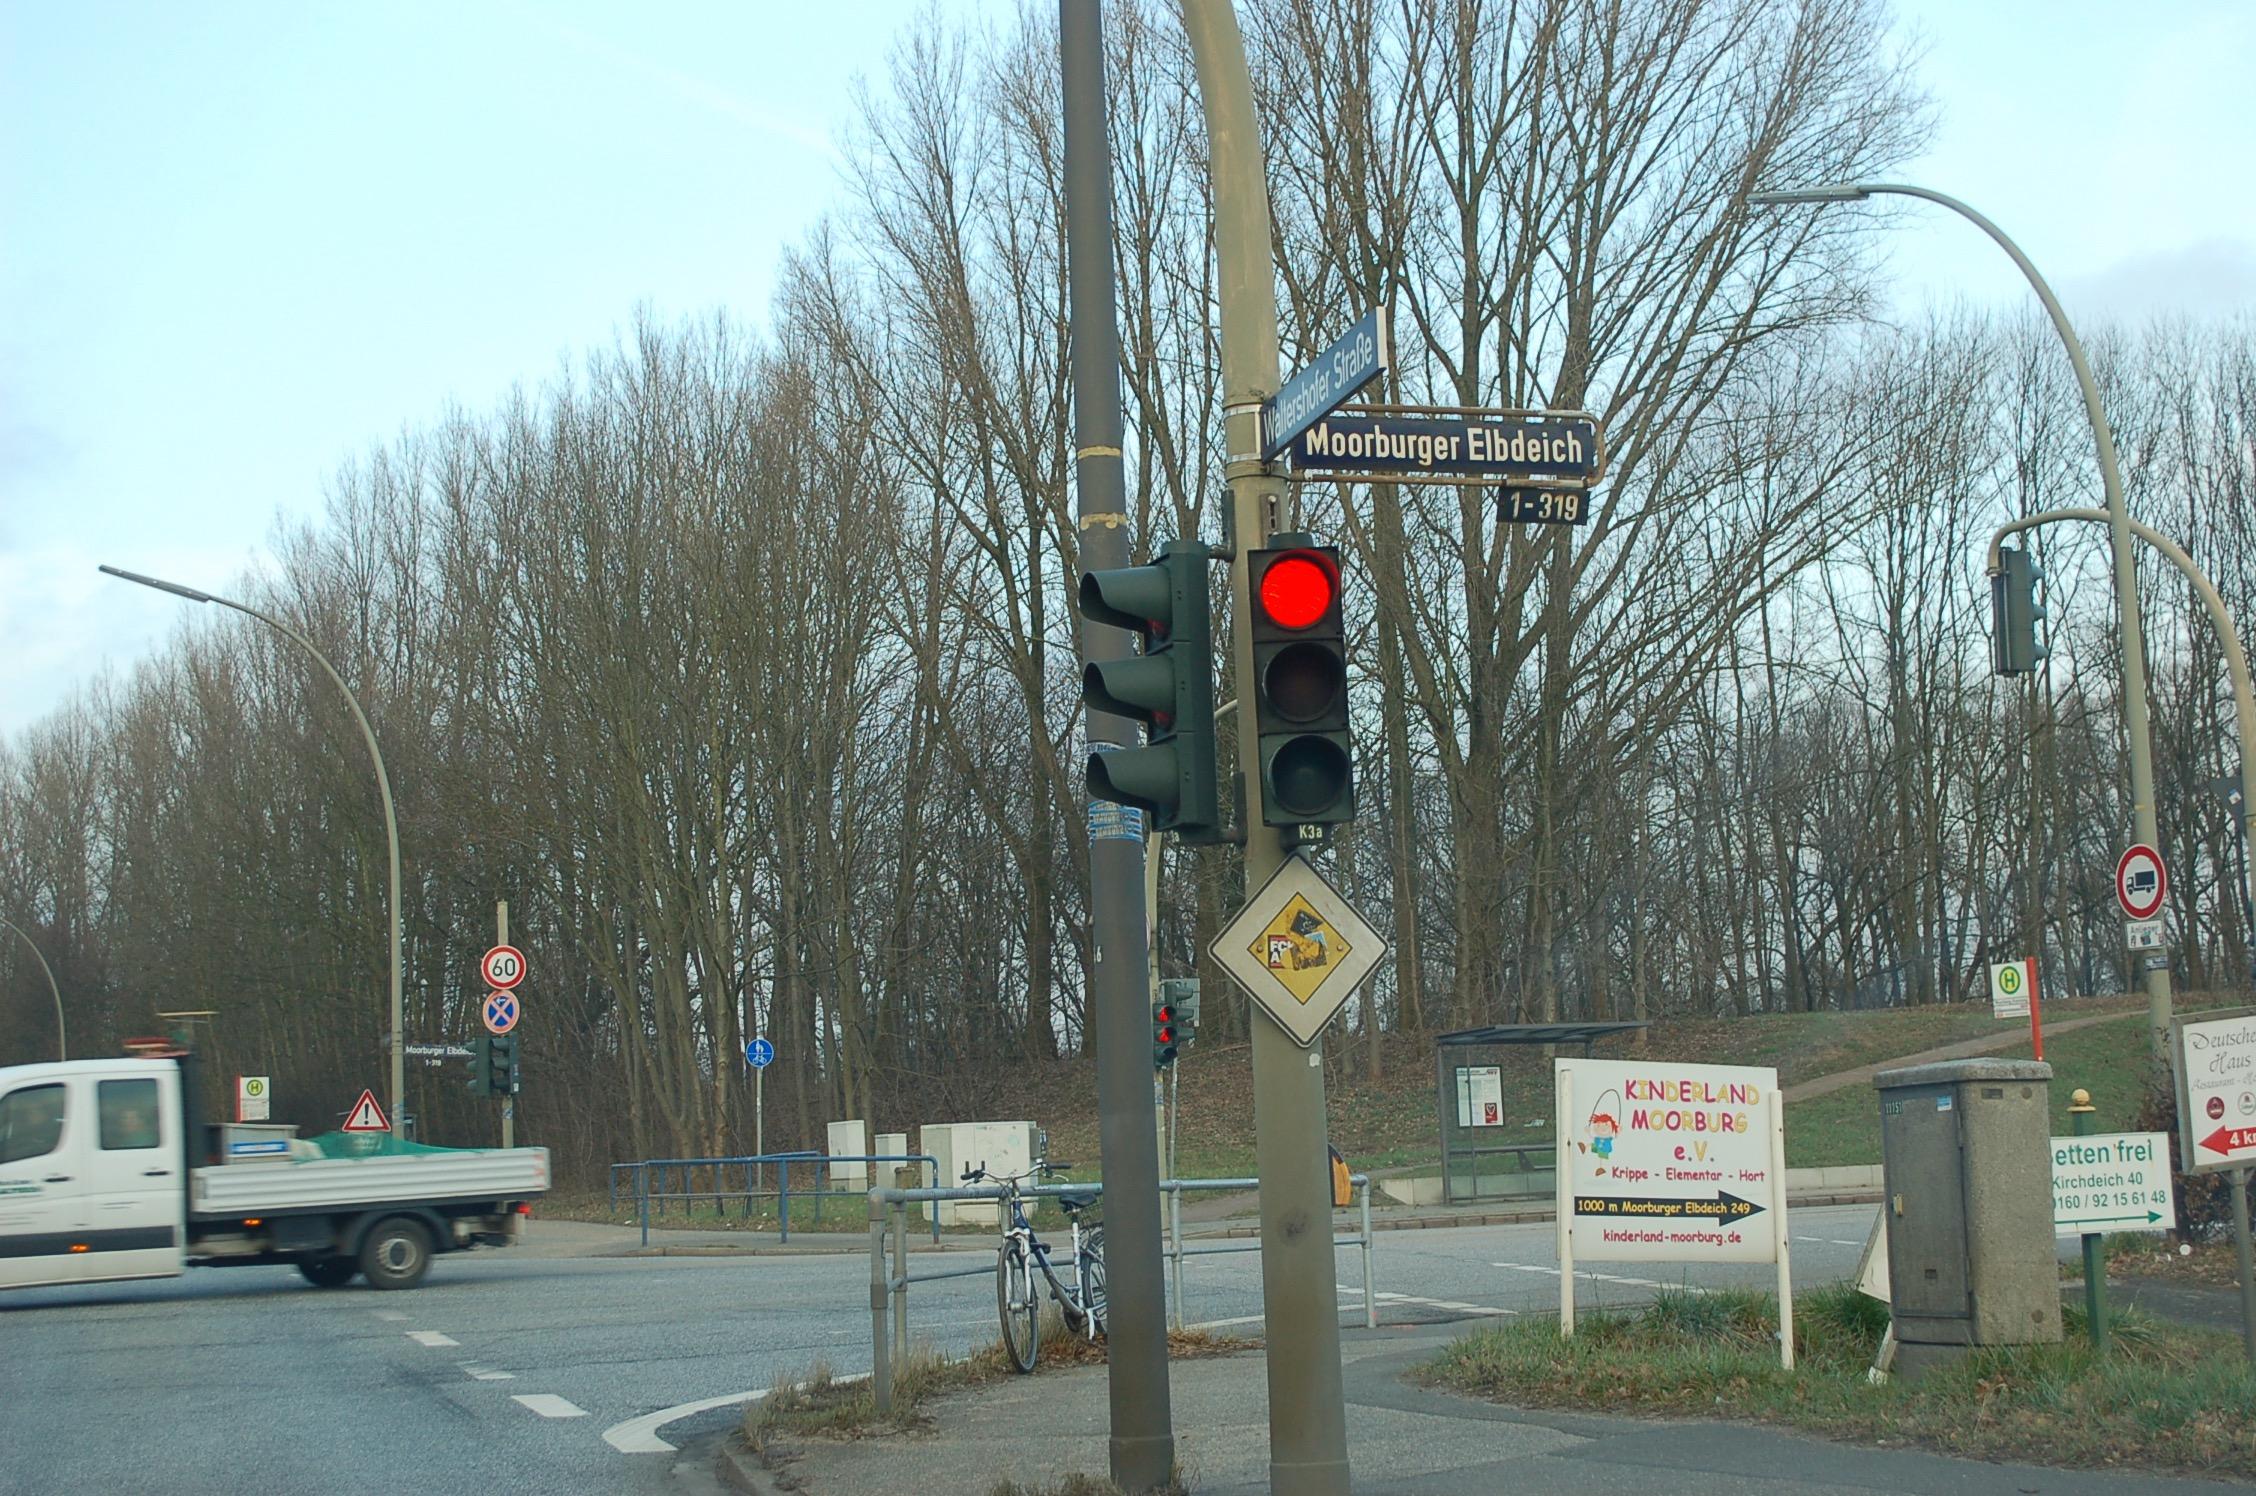 mk -Bis März 2020 soll der Moorburger Elbdeich zwischen der Waltershofer Straße und Moorburger Elbdeich in Höhe derrHausnummer 291 auf einer Länge von rund 400 Metern voll gesperrt werden.